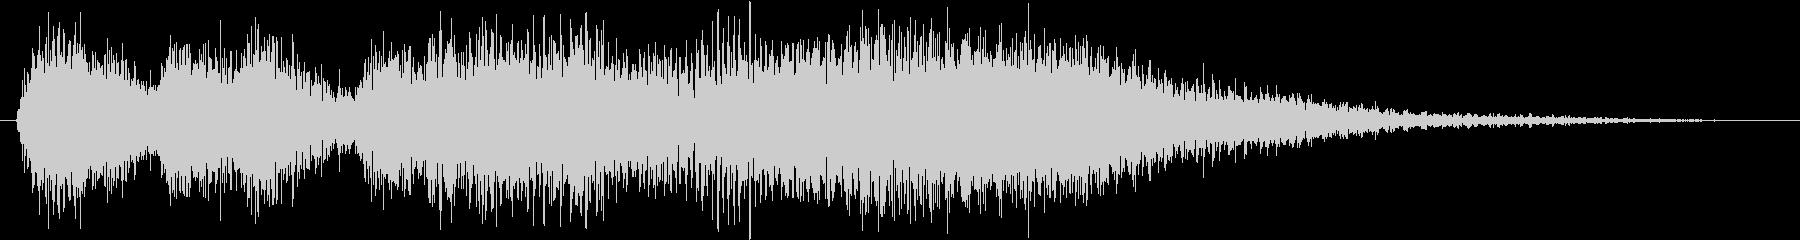 クラシックなイベント達成音ジングル5の未再生の波形